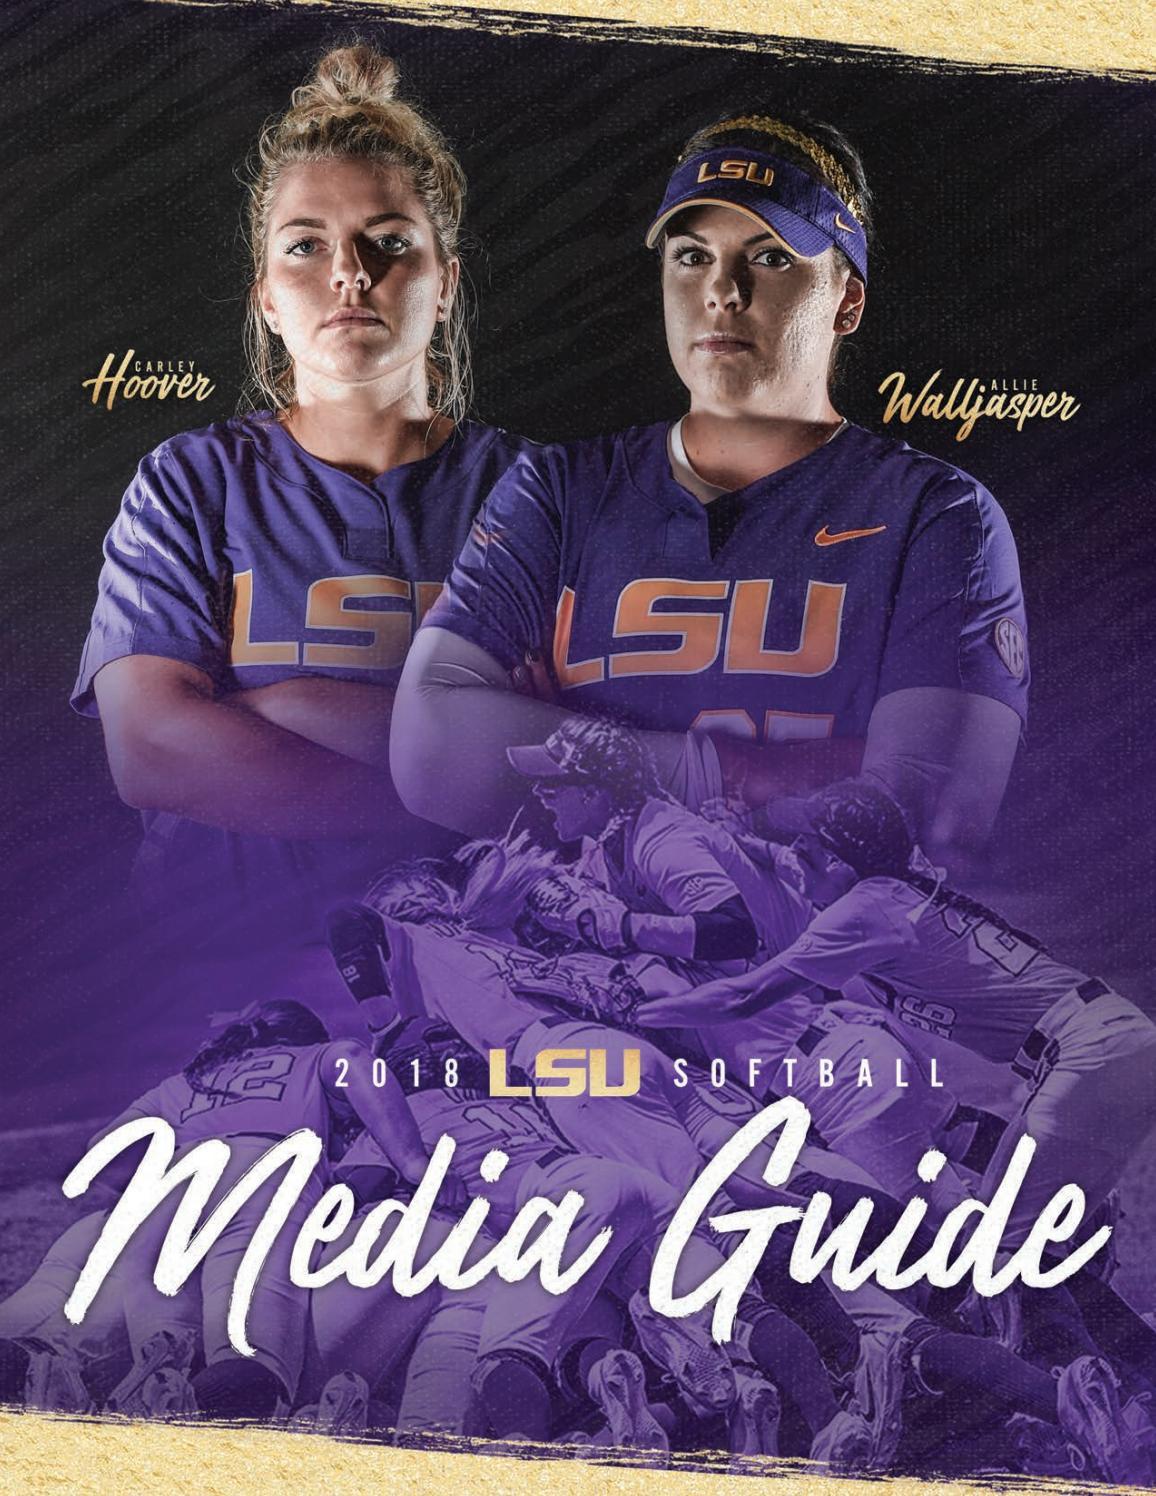 ff67177d545fb 2018 LSU Softball Media Guide by LSU Athletics - issuu